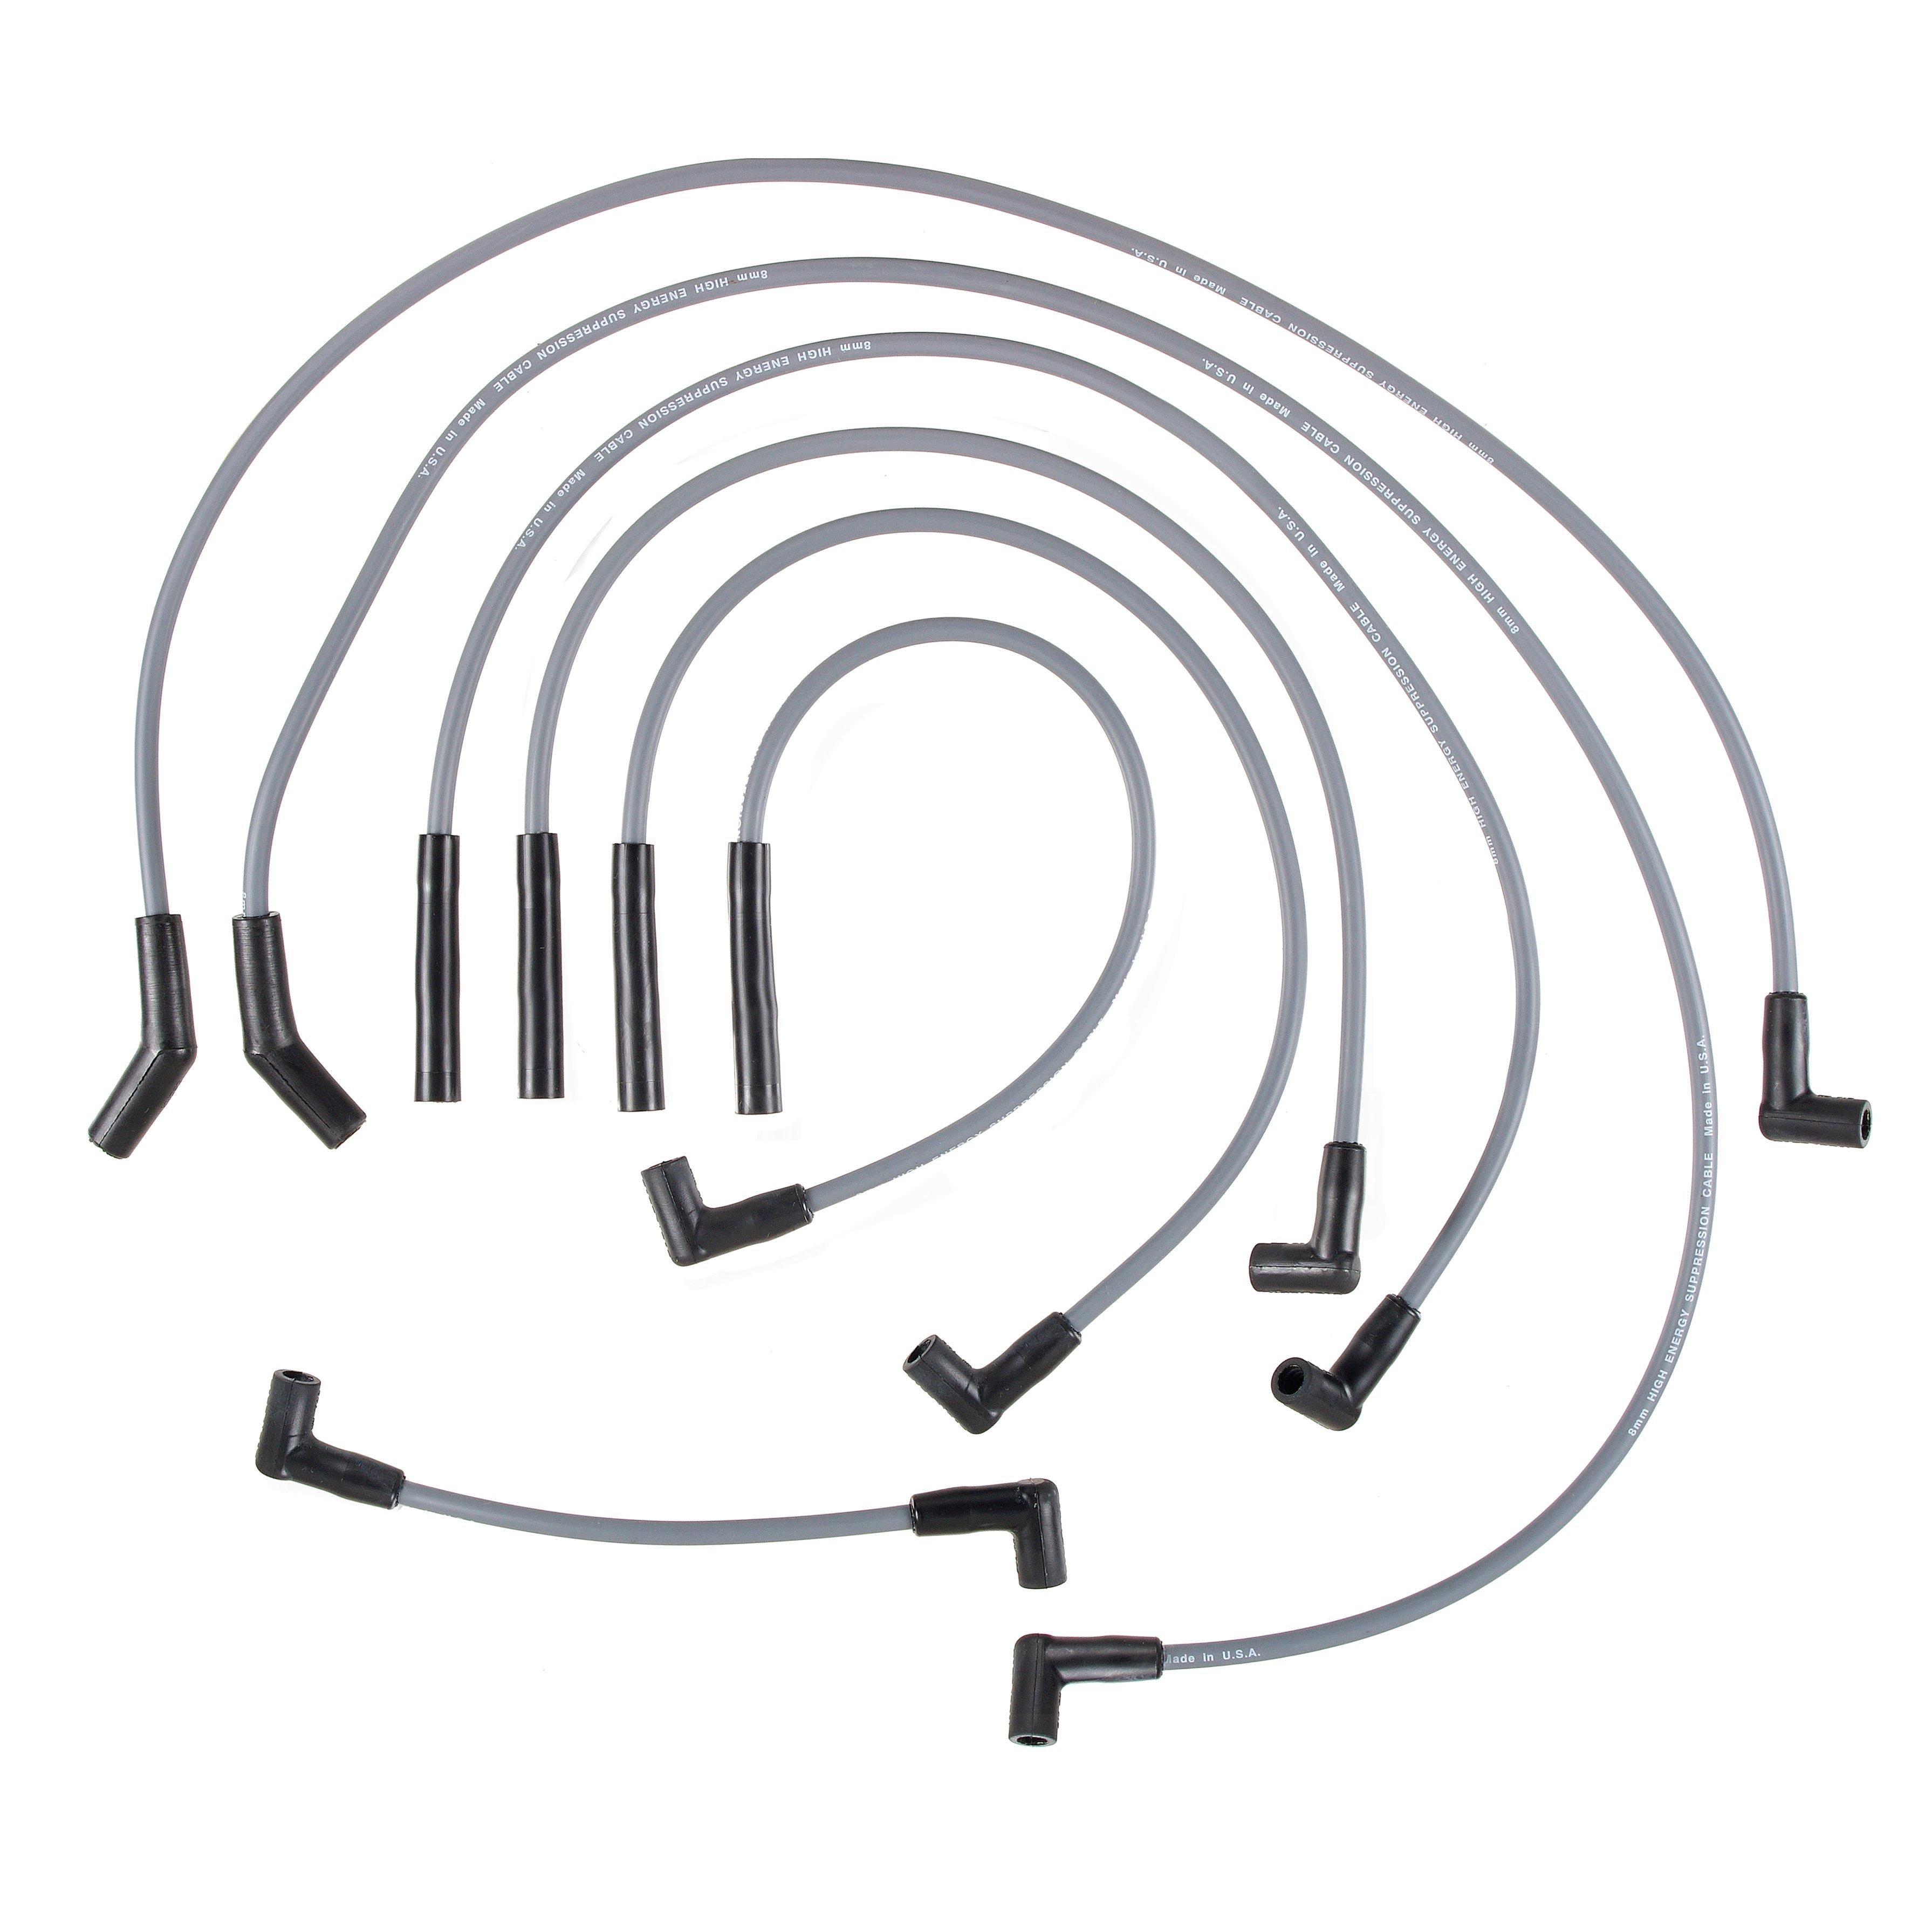 proconnect 226010 endurance plus wire set